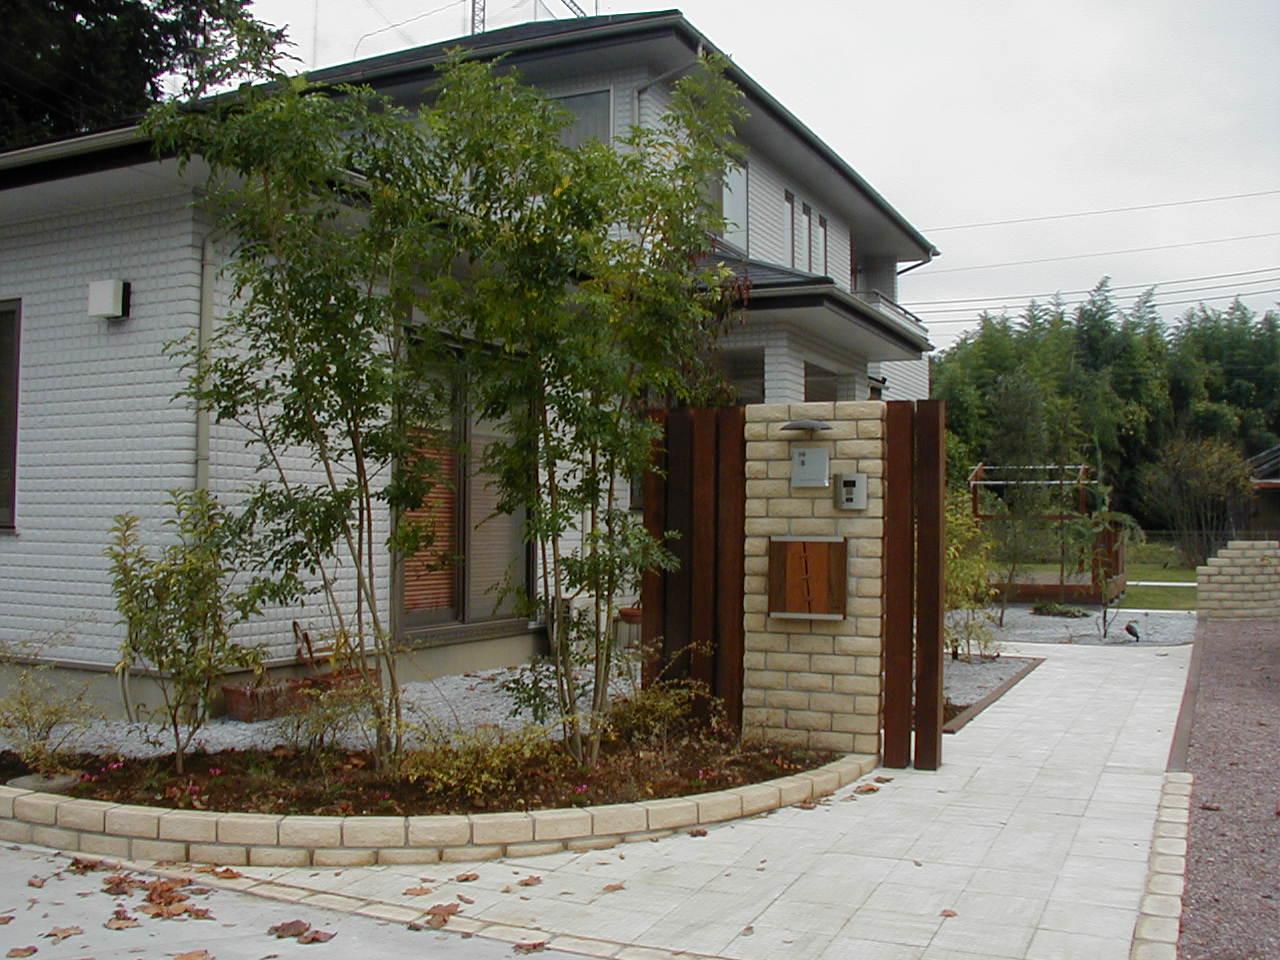 ウリン角材と石材風ブロック門柱のエントランス|埼玉県東松山市 K様邸の外構、エクステリア、植栽工事